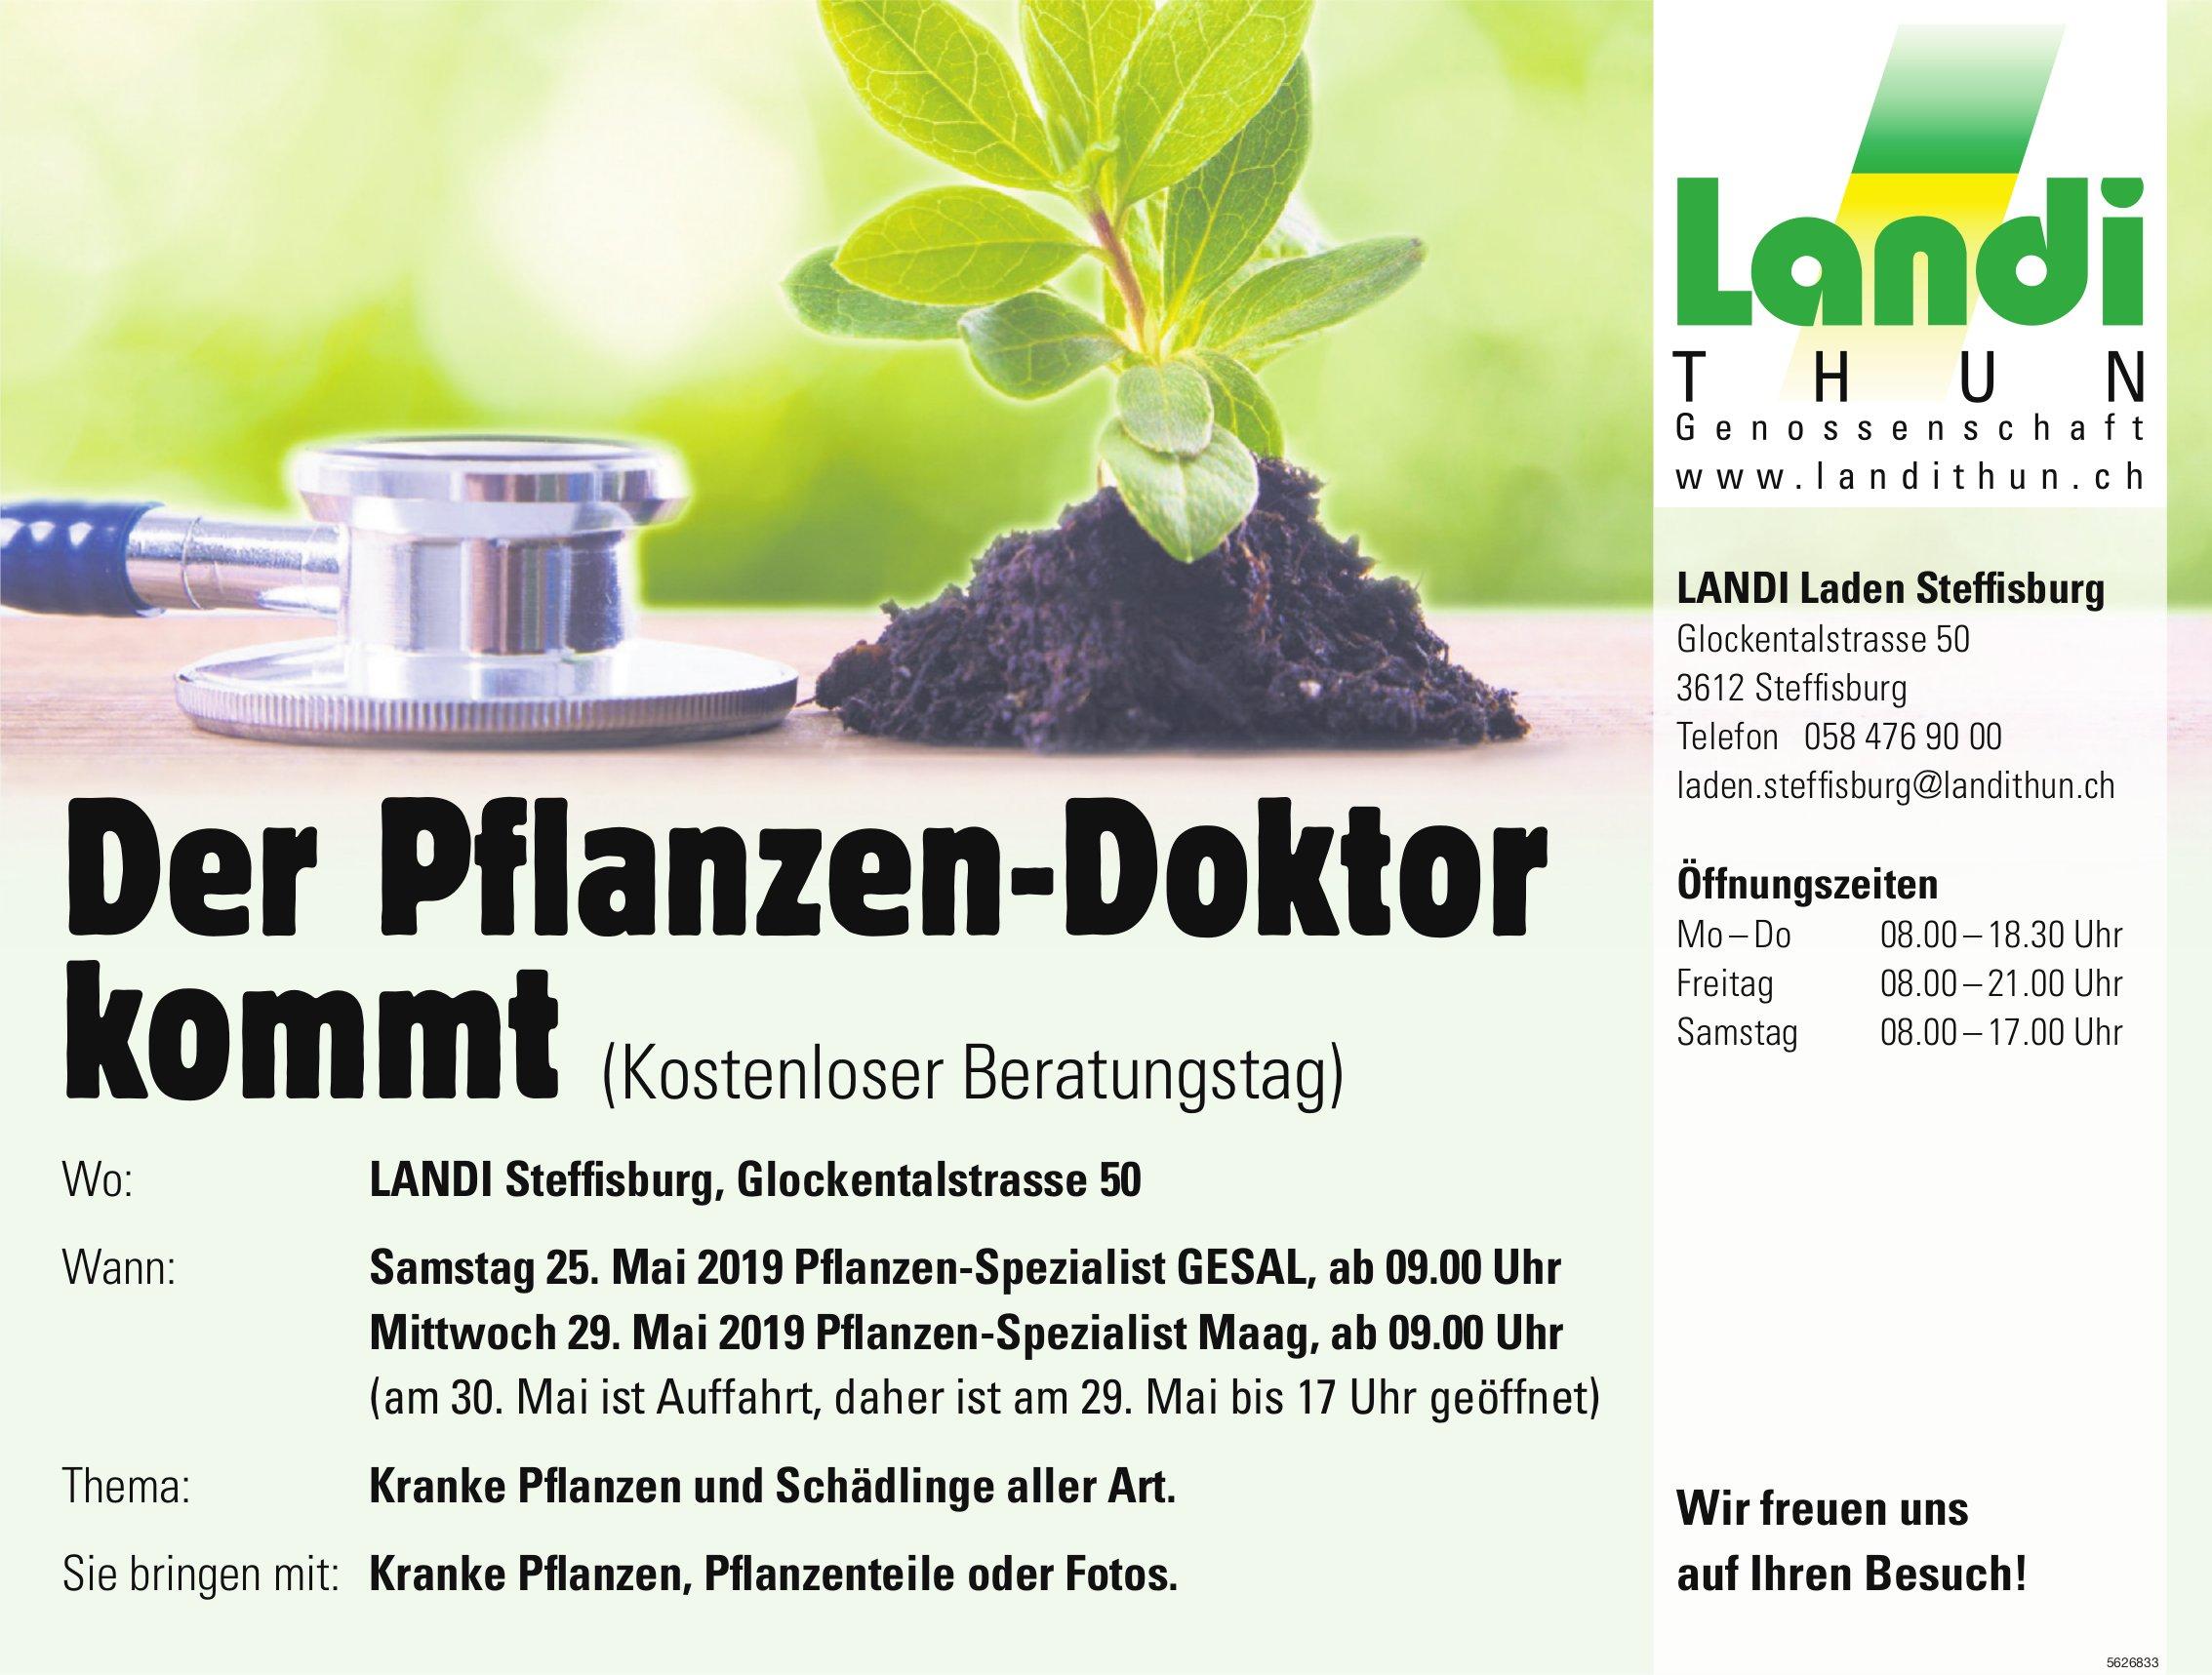 Der Pflanzen-Doktor kommt, (Kostenloser Beratungstag), 25. + 29. Mai, LANDI Steffisburg